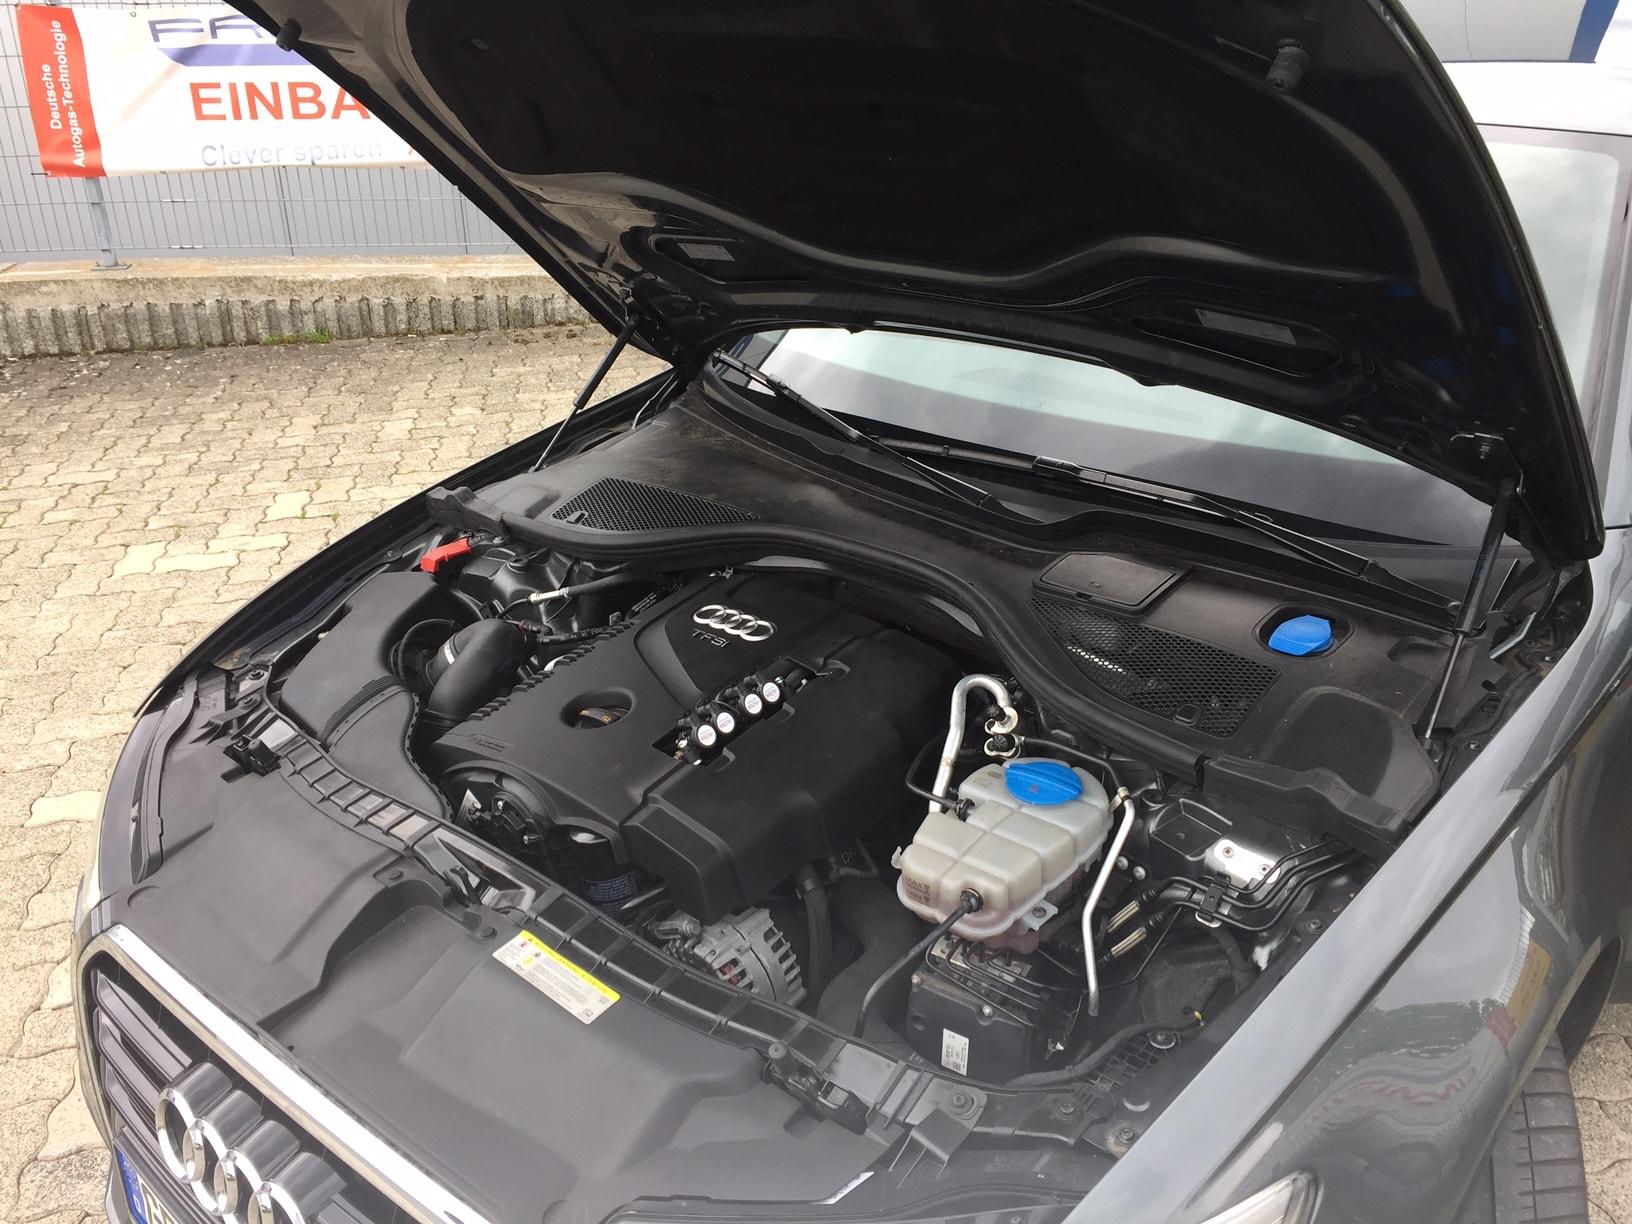 Autogas_R115-Umrüstung-auf-LPG-Autogas_Audi-A6-4G-2,0TSI-Direkteinspritzer-Motor2